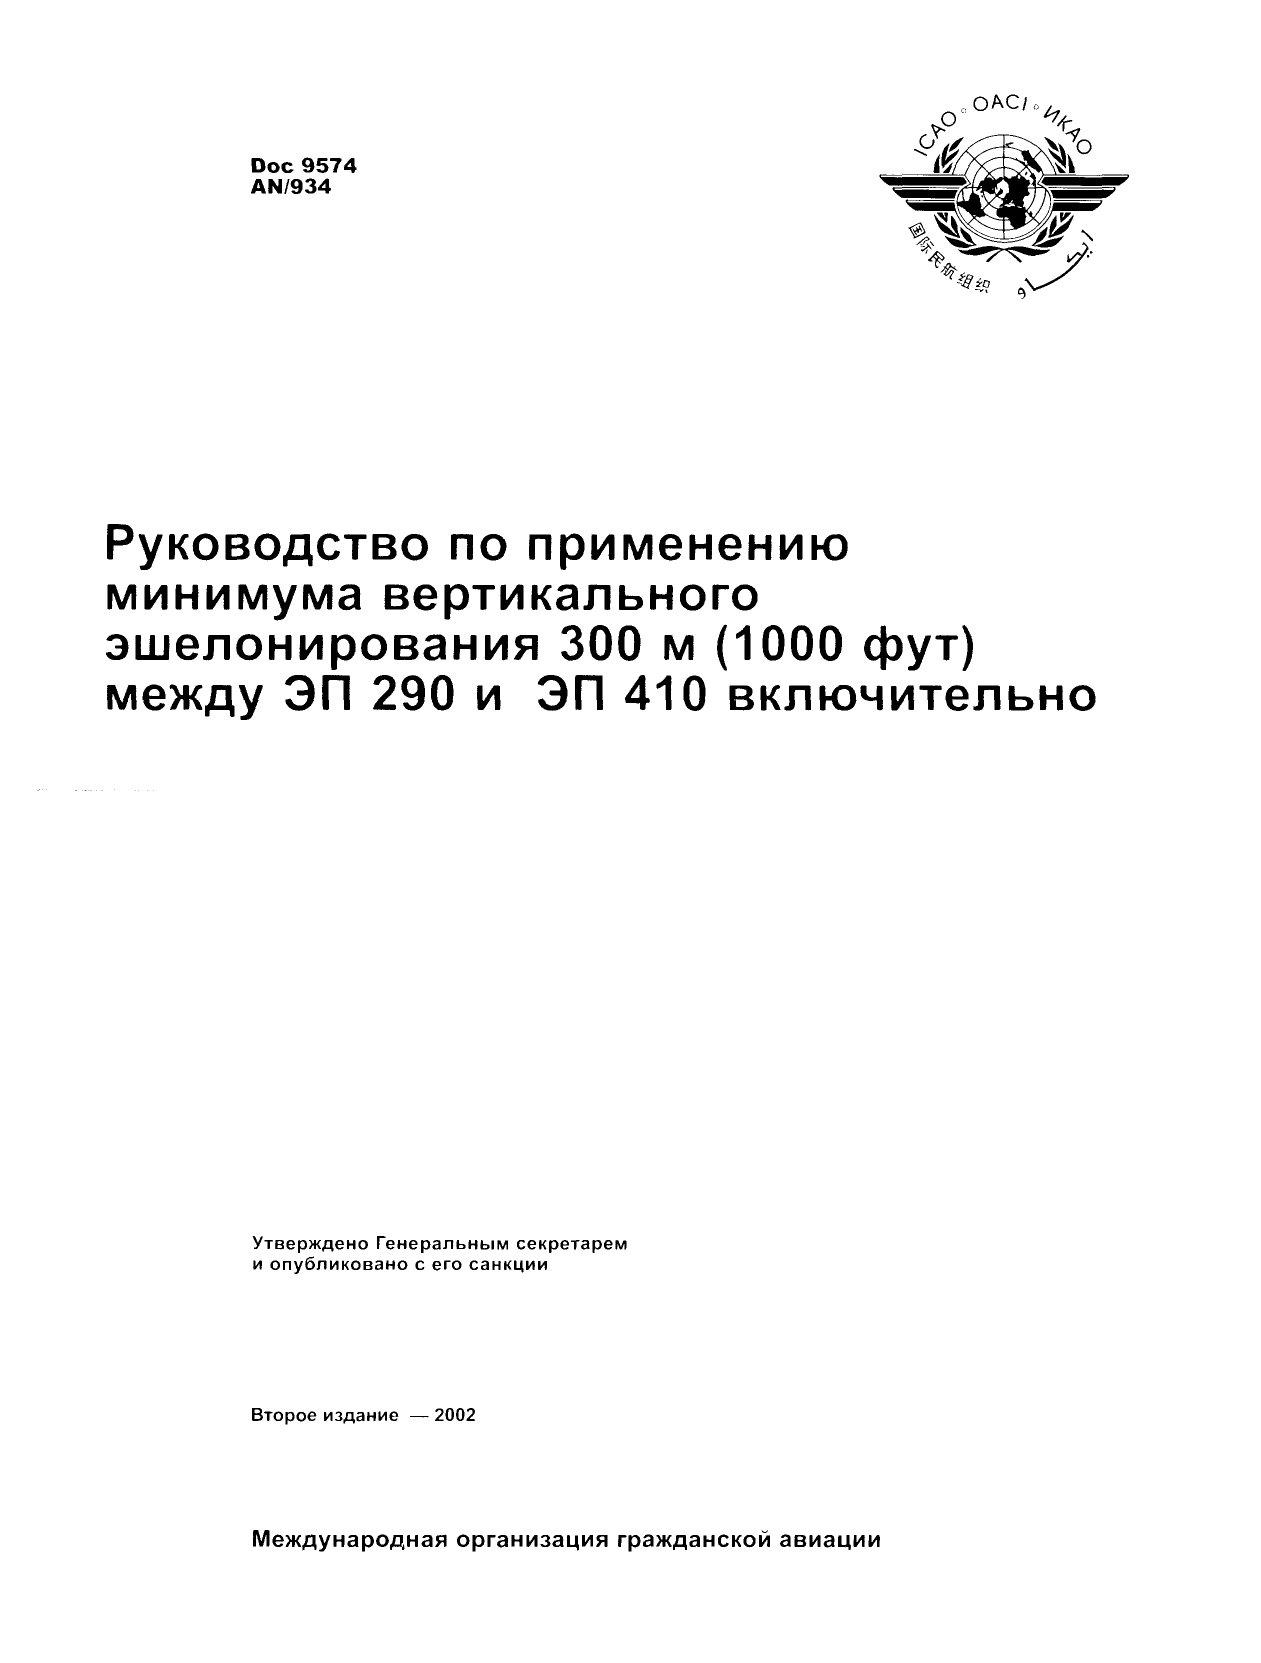 ICAO Doc 9574 Руководство по применению минимума вертикального эшелонирования 300 м (1000 фут) между ЭП 290 и ЭП 410 включительно